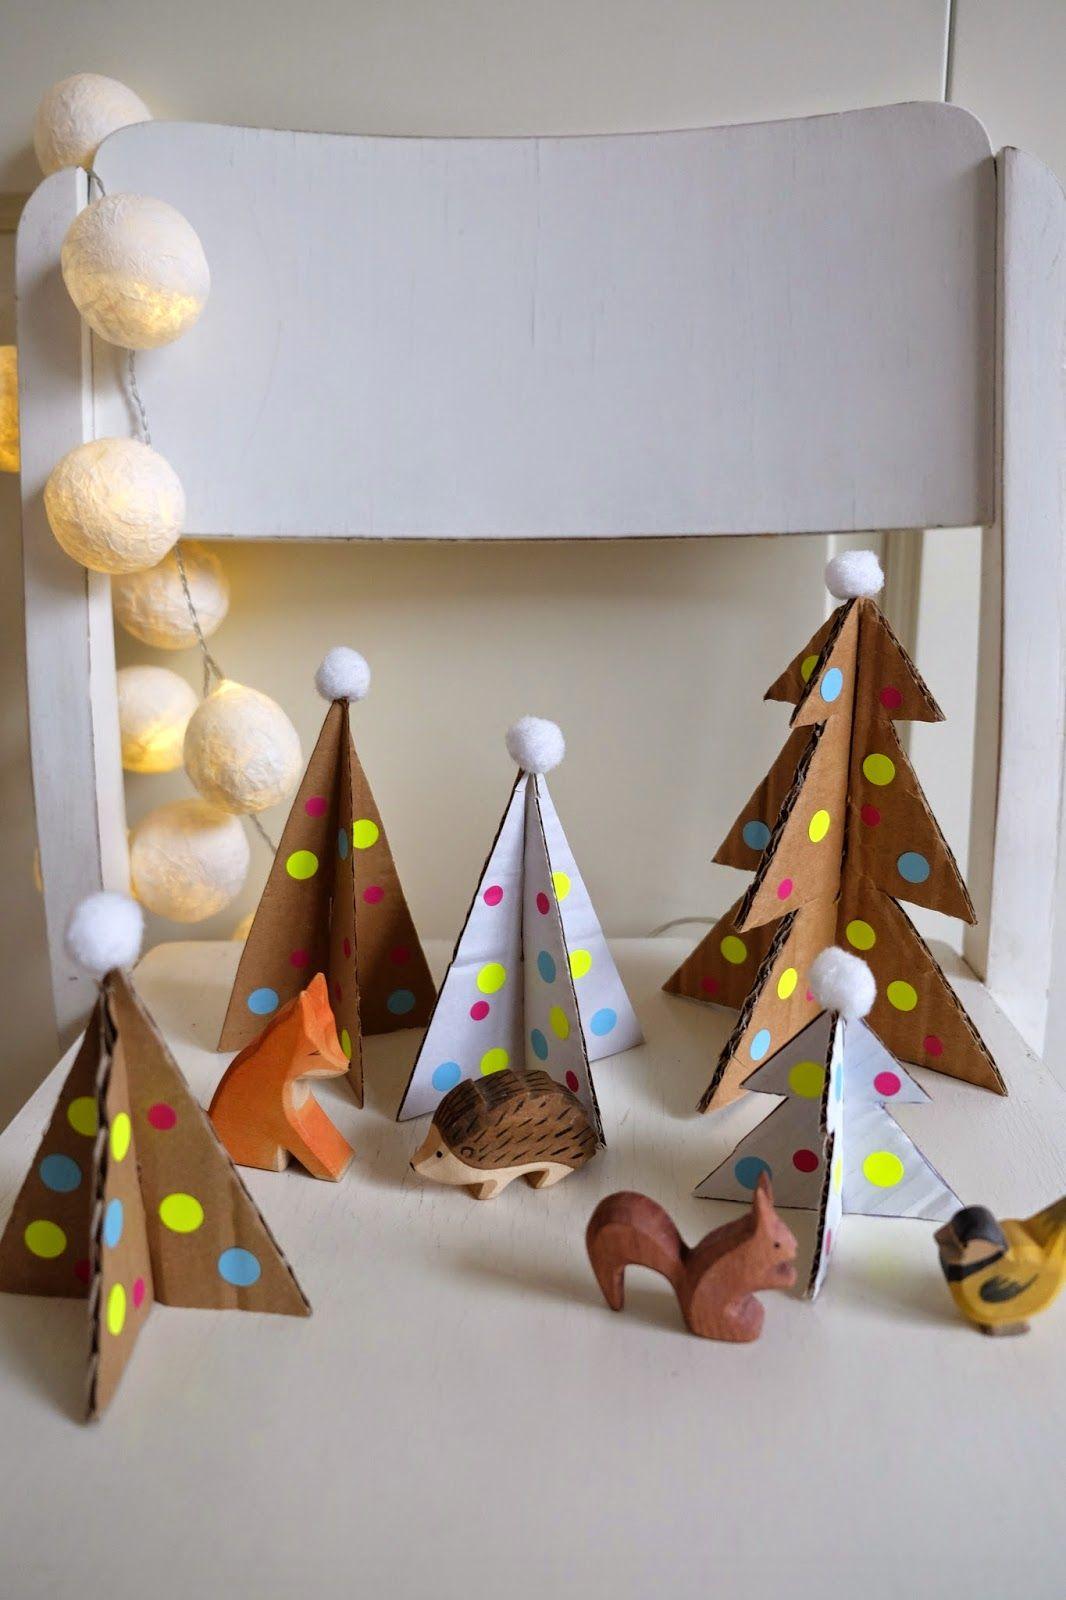 hej hanse wochenwerk papp winterwald diy und basteln f r weihnachten. Black Bedroom Furniture Sets. Home Design Ideas